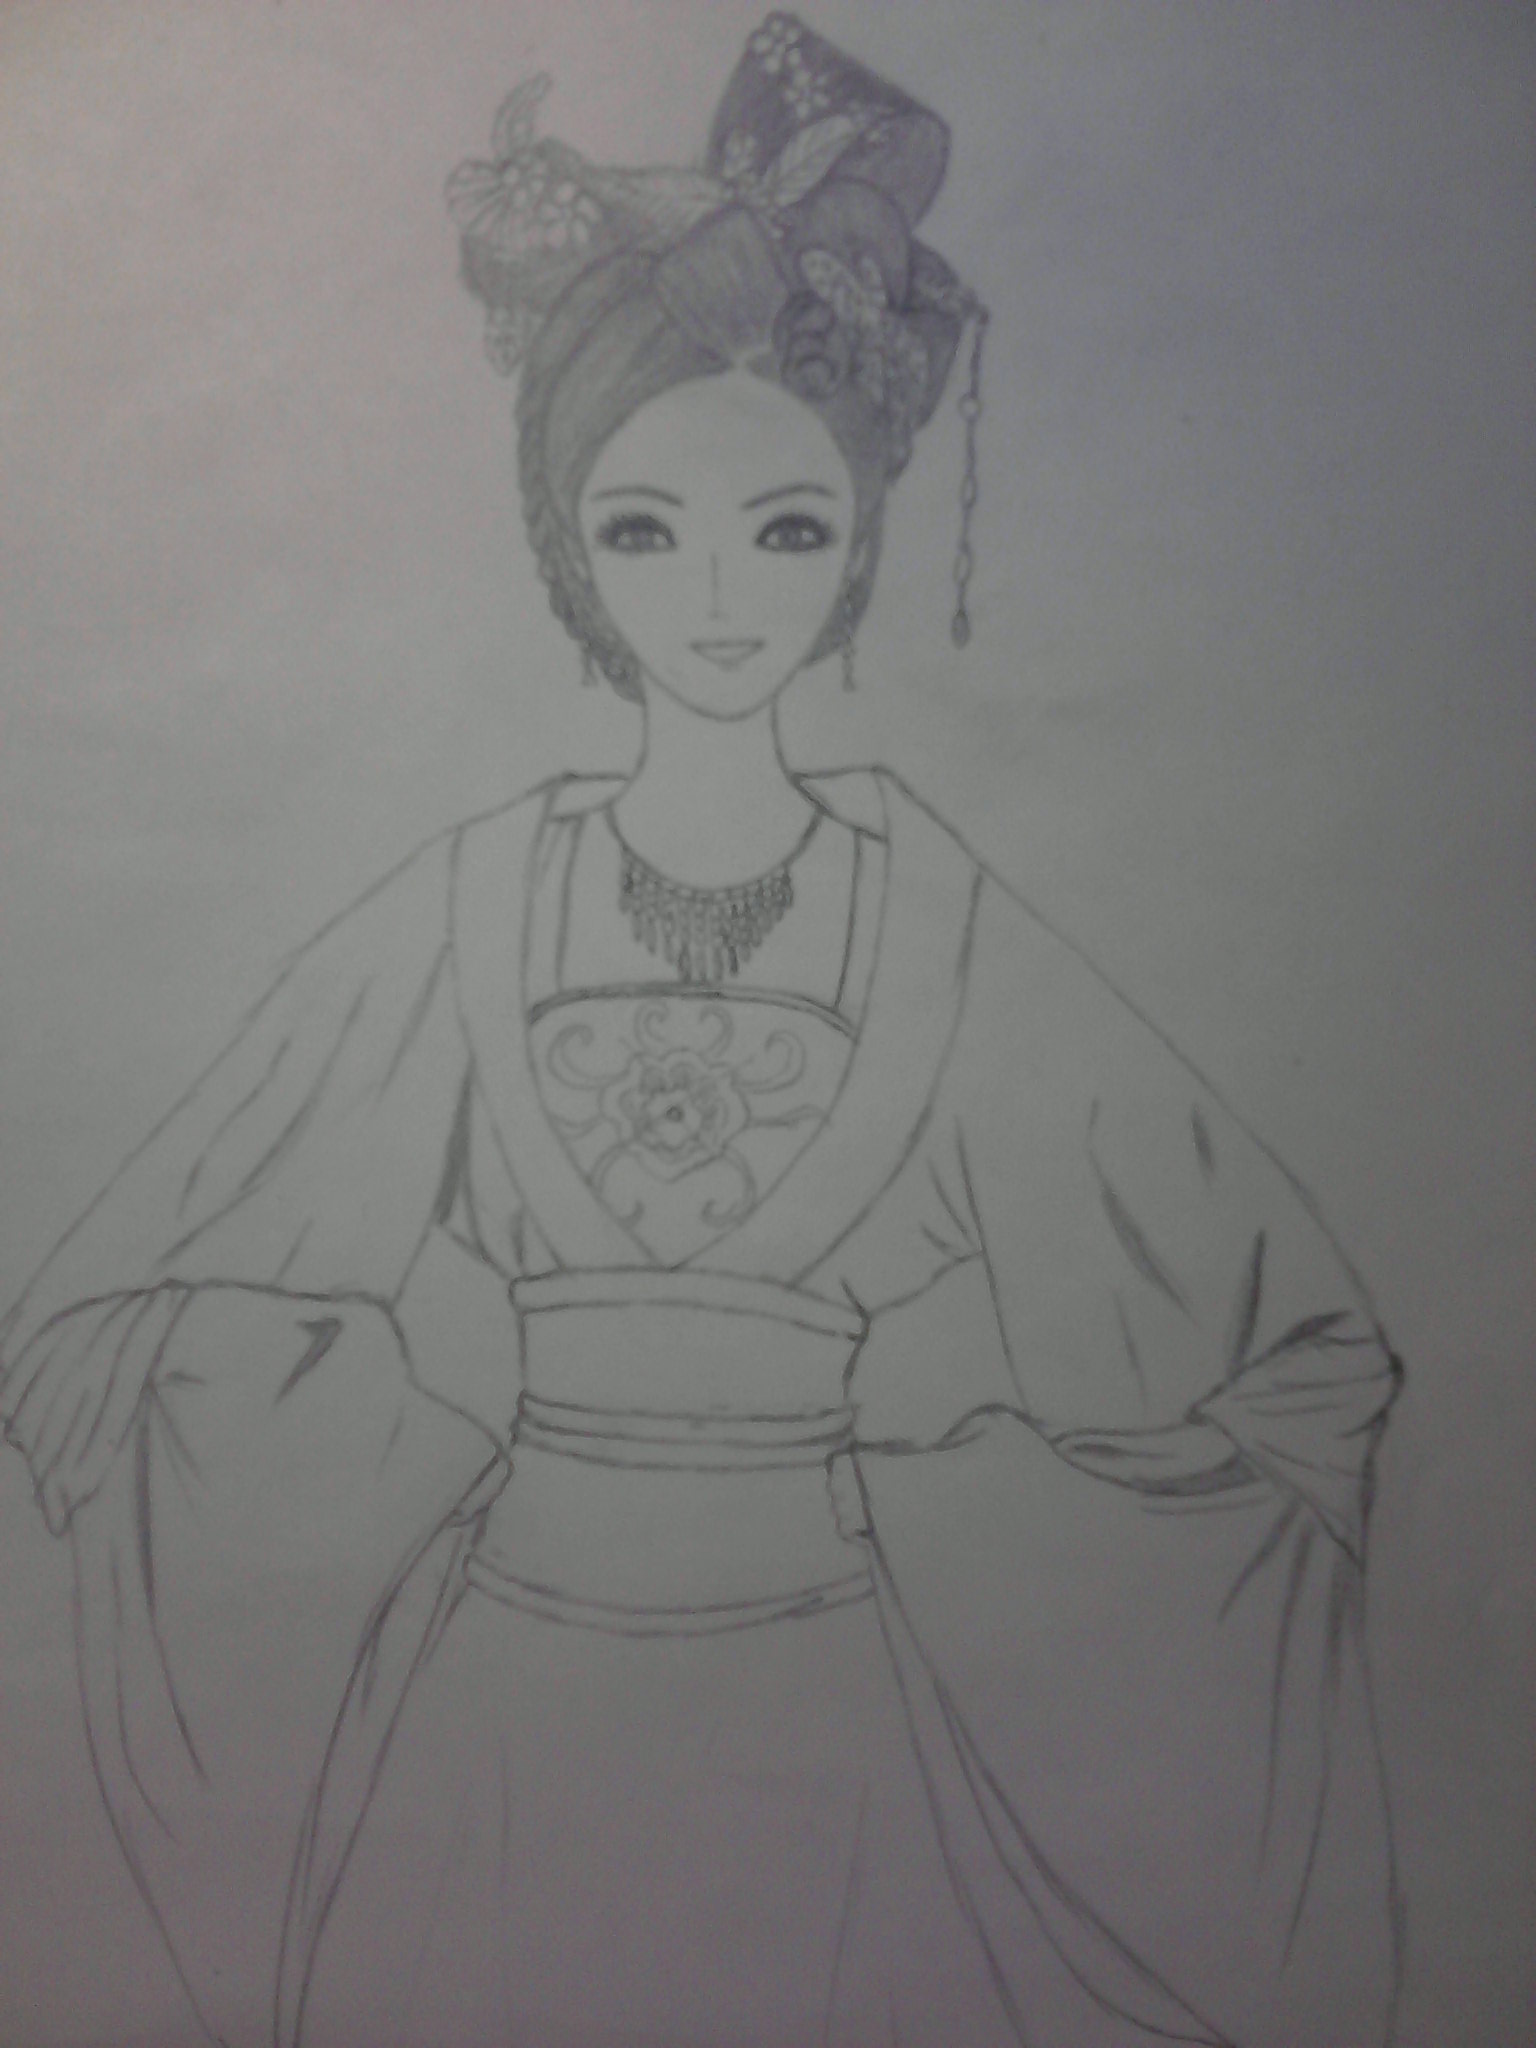 动漫古装美女手绘铅笔-手绘古装美女背影图片-手绘画